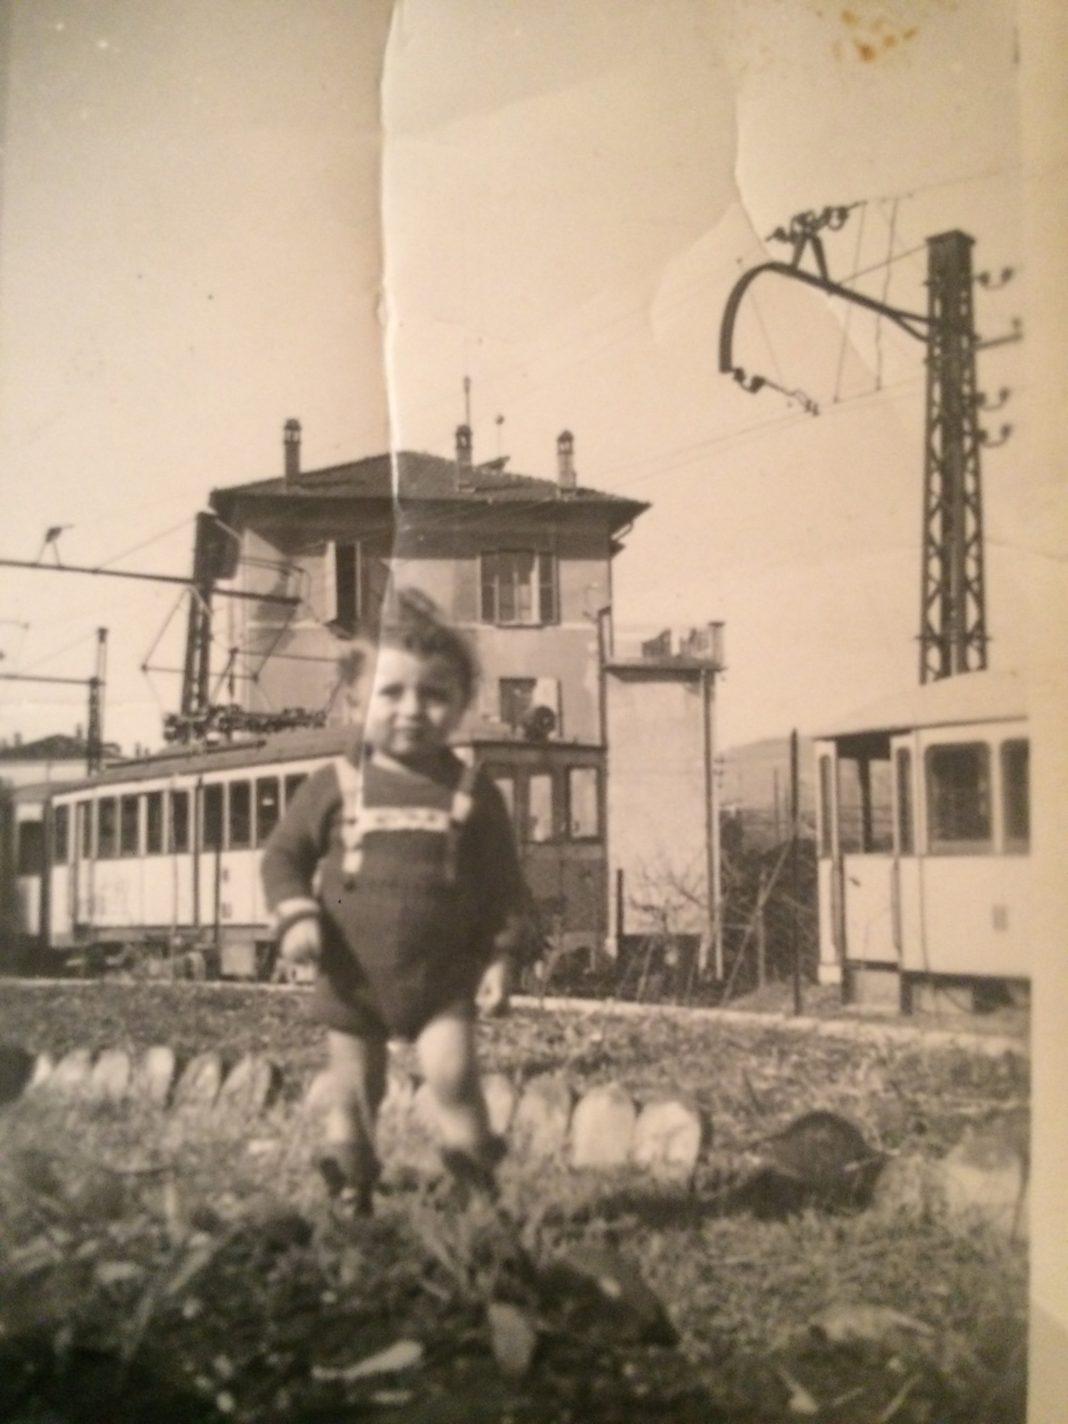 Anni trenta mio padre andava a Salo' con il tram.